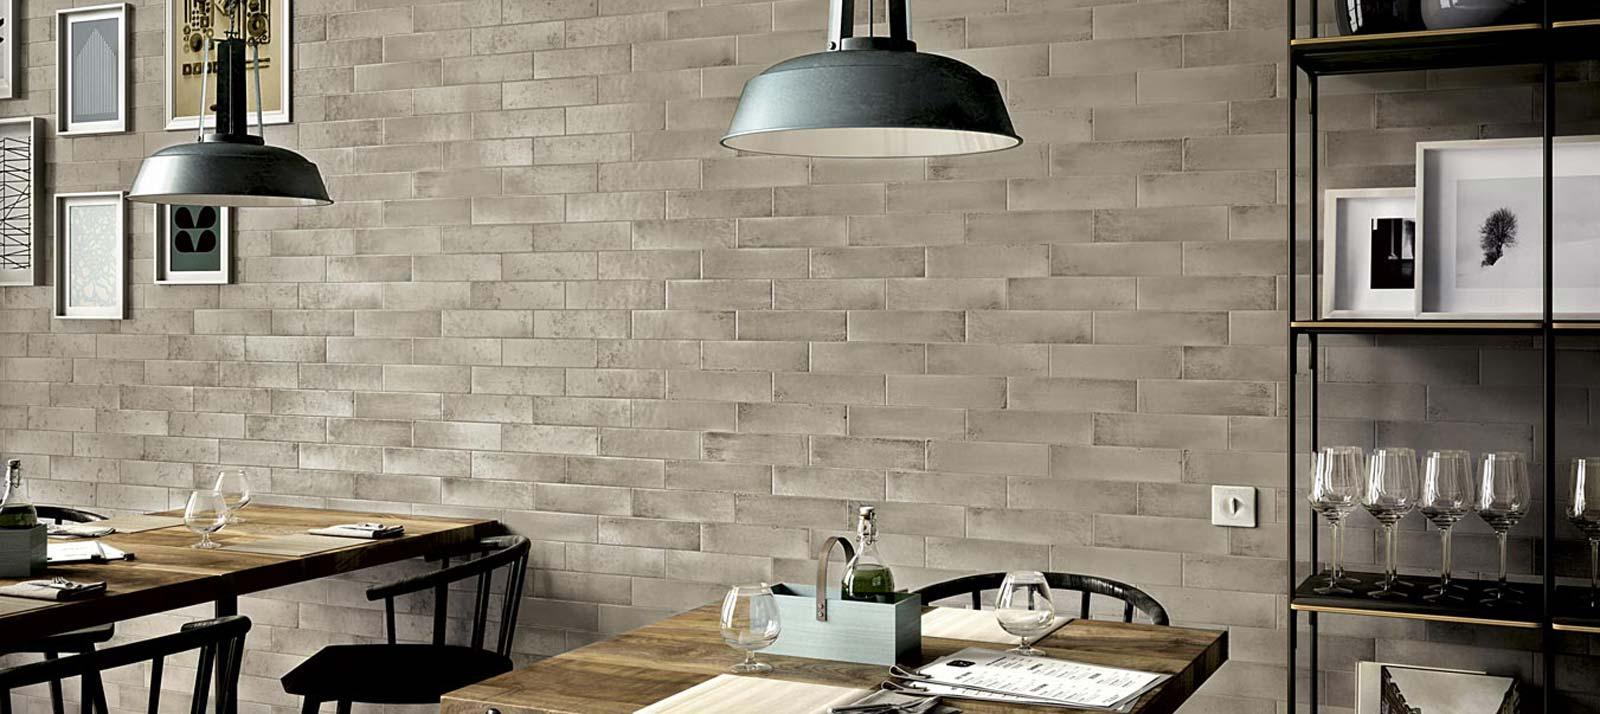 Rivestimenti e pavimenti in ceramica e gres porcellanato ragno - Una piastrella policroma per rivestimenti ...